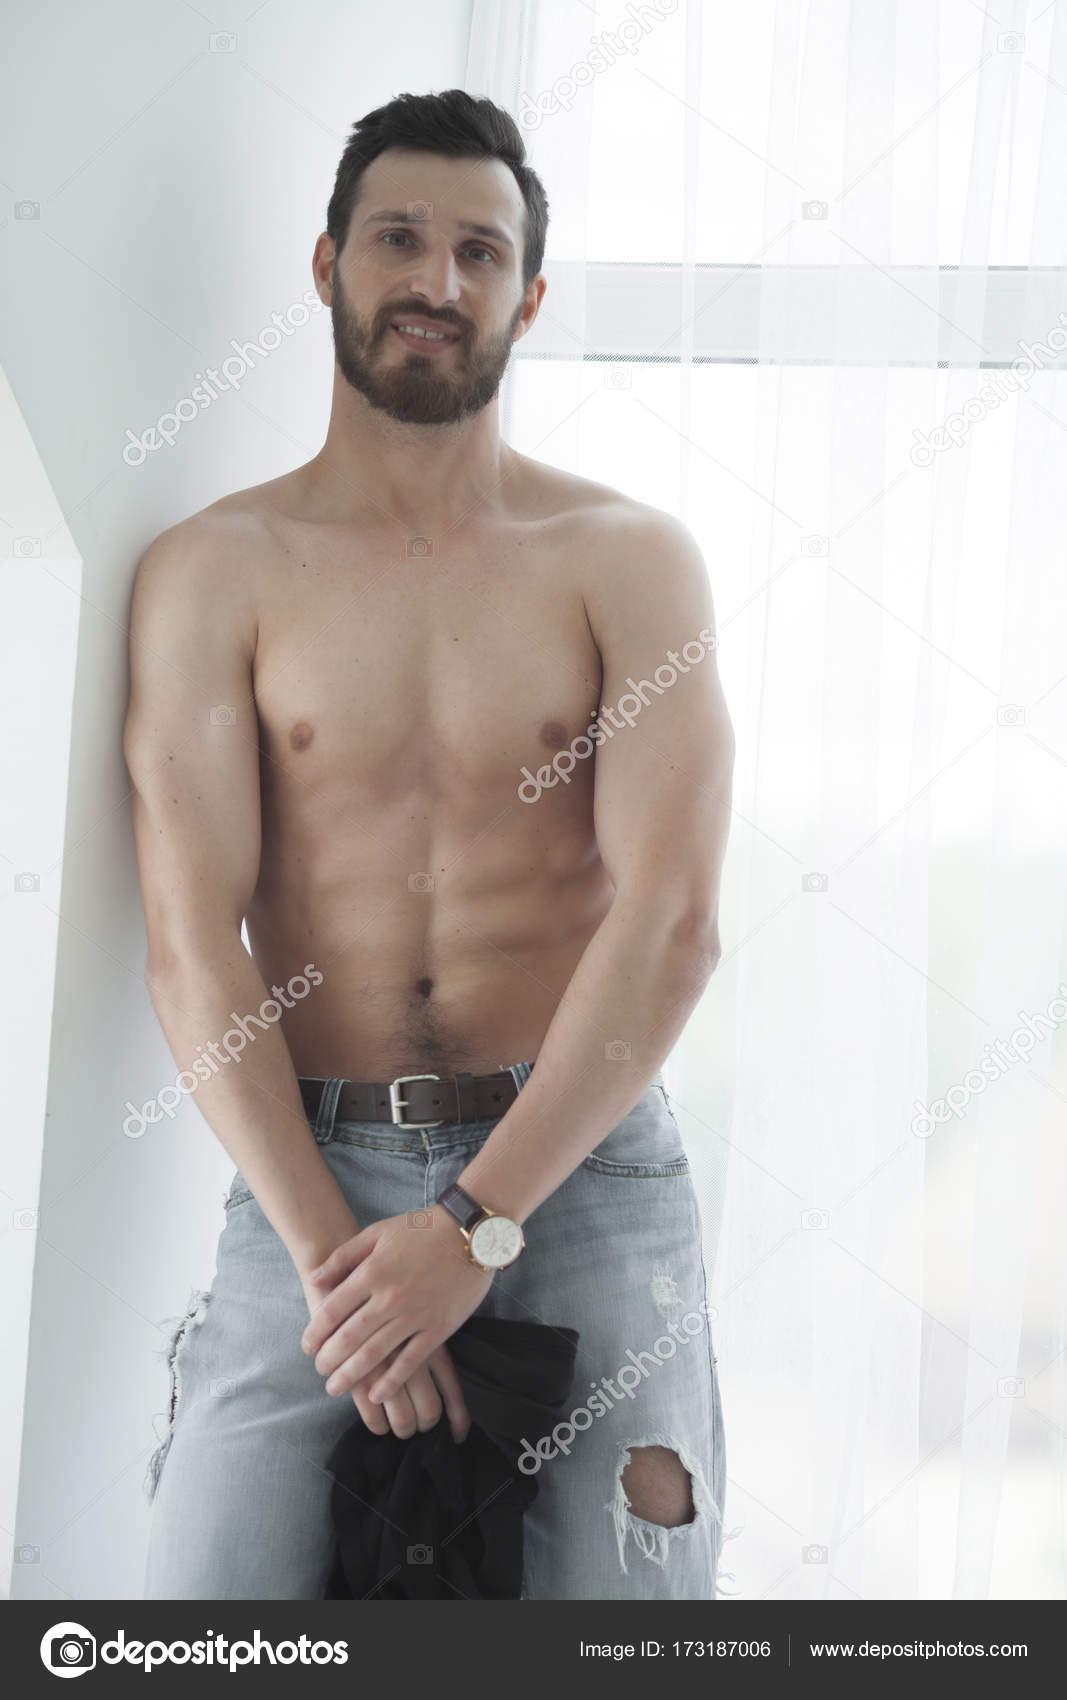 xnxx porno gay